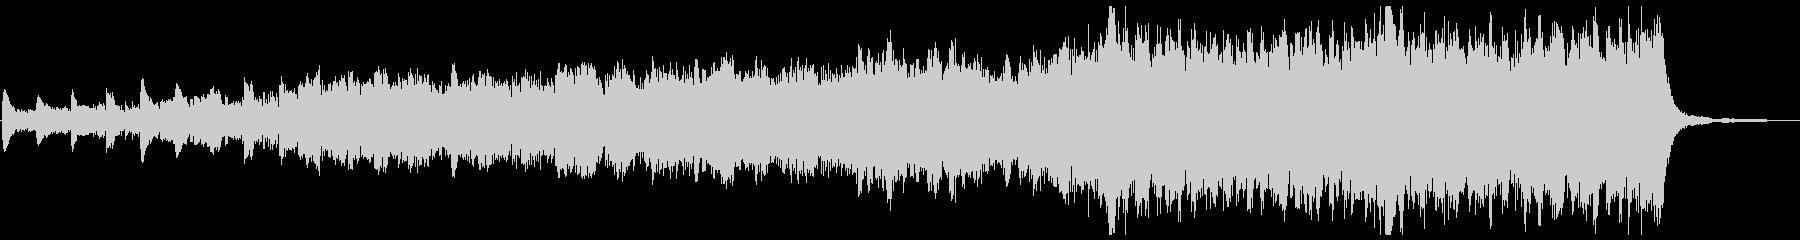 幻想的なピアノとストリングス ハーフの未再生の波形